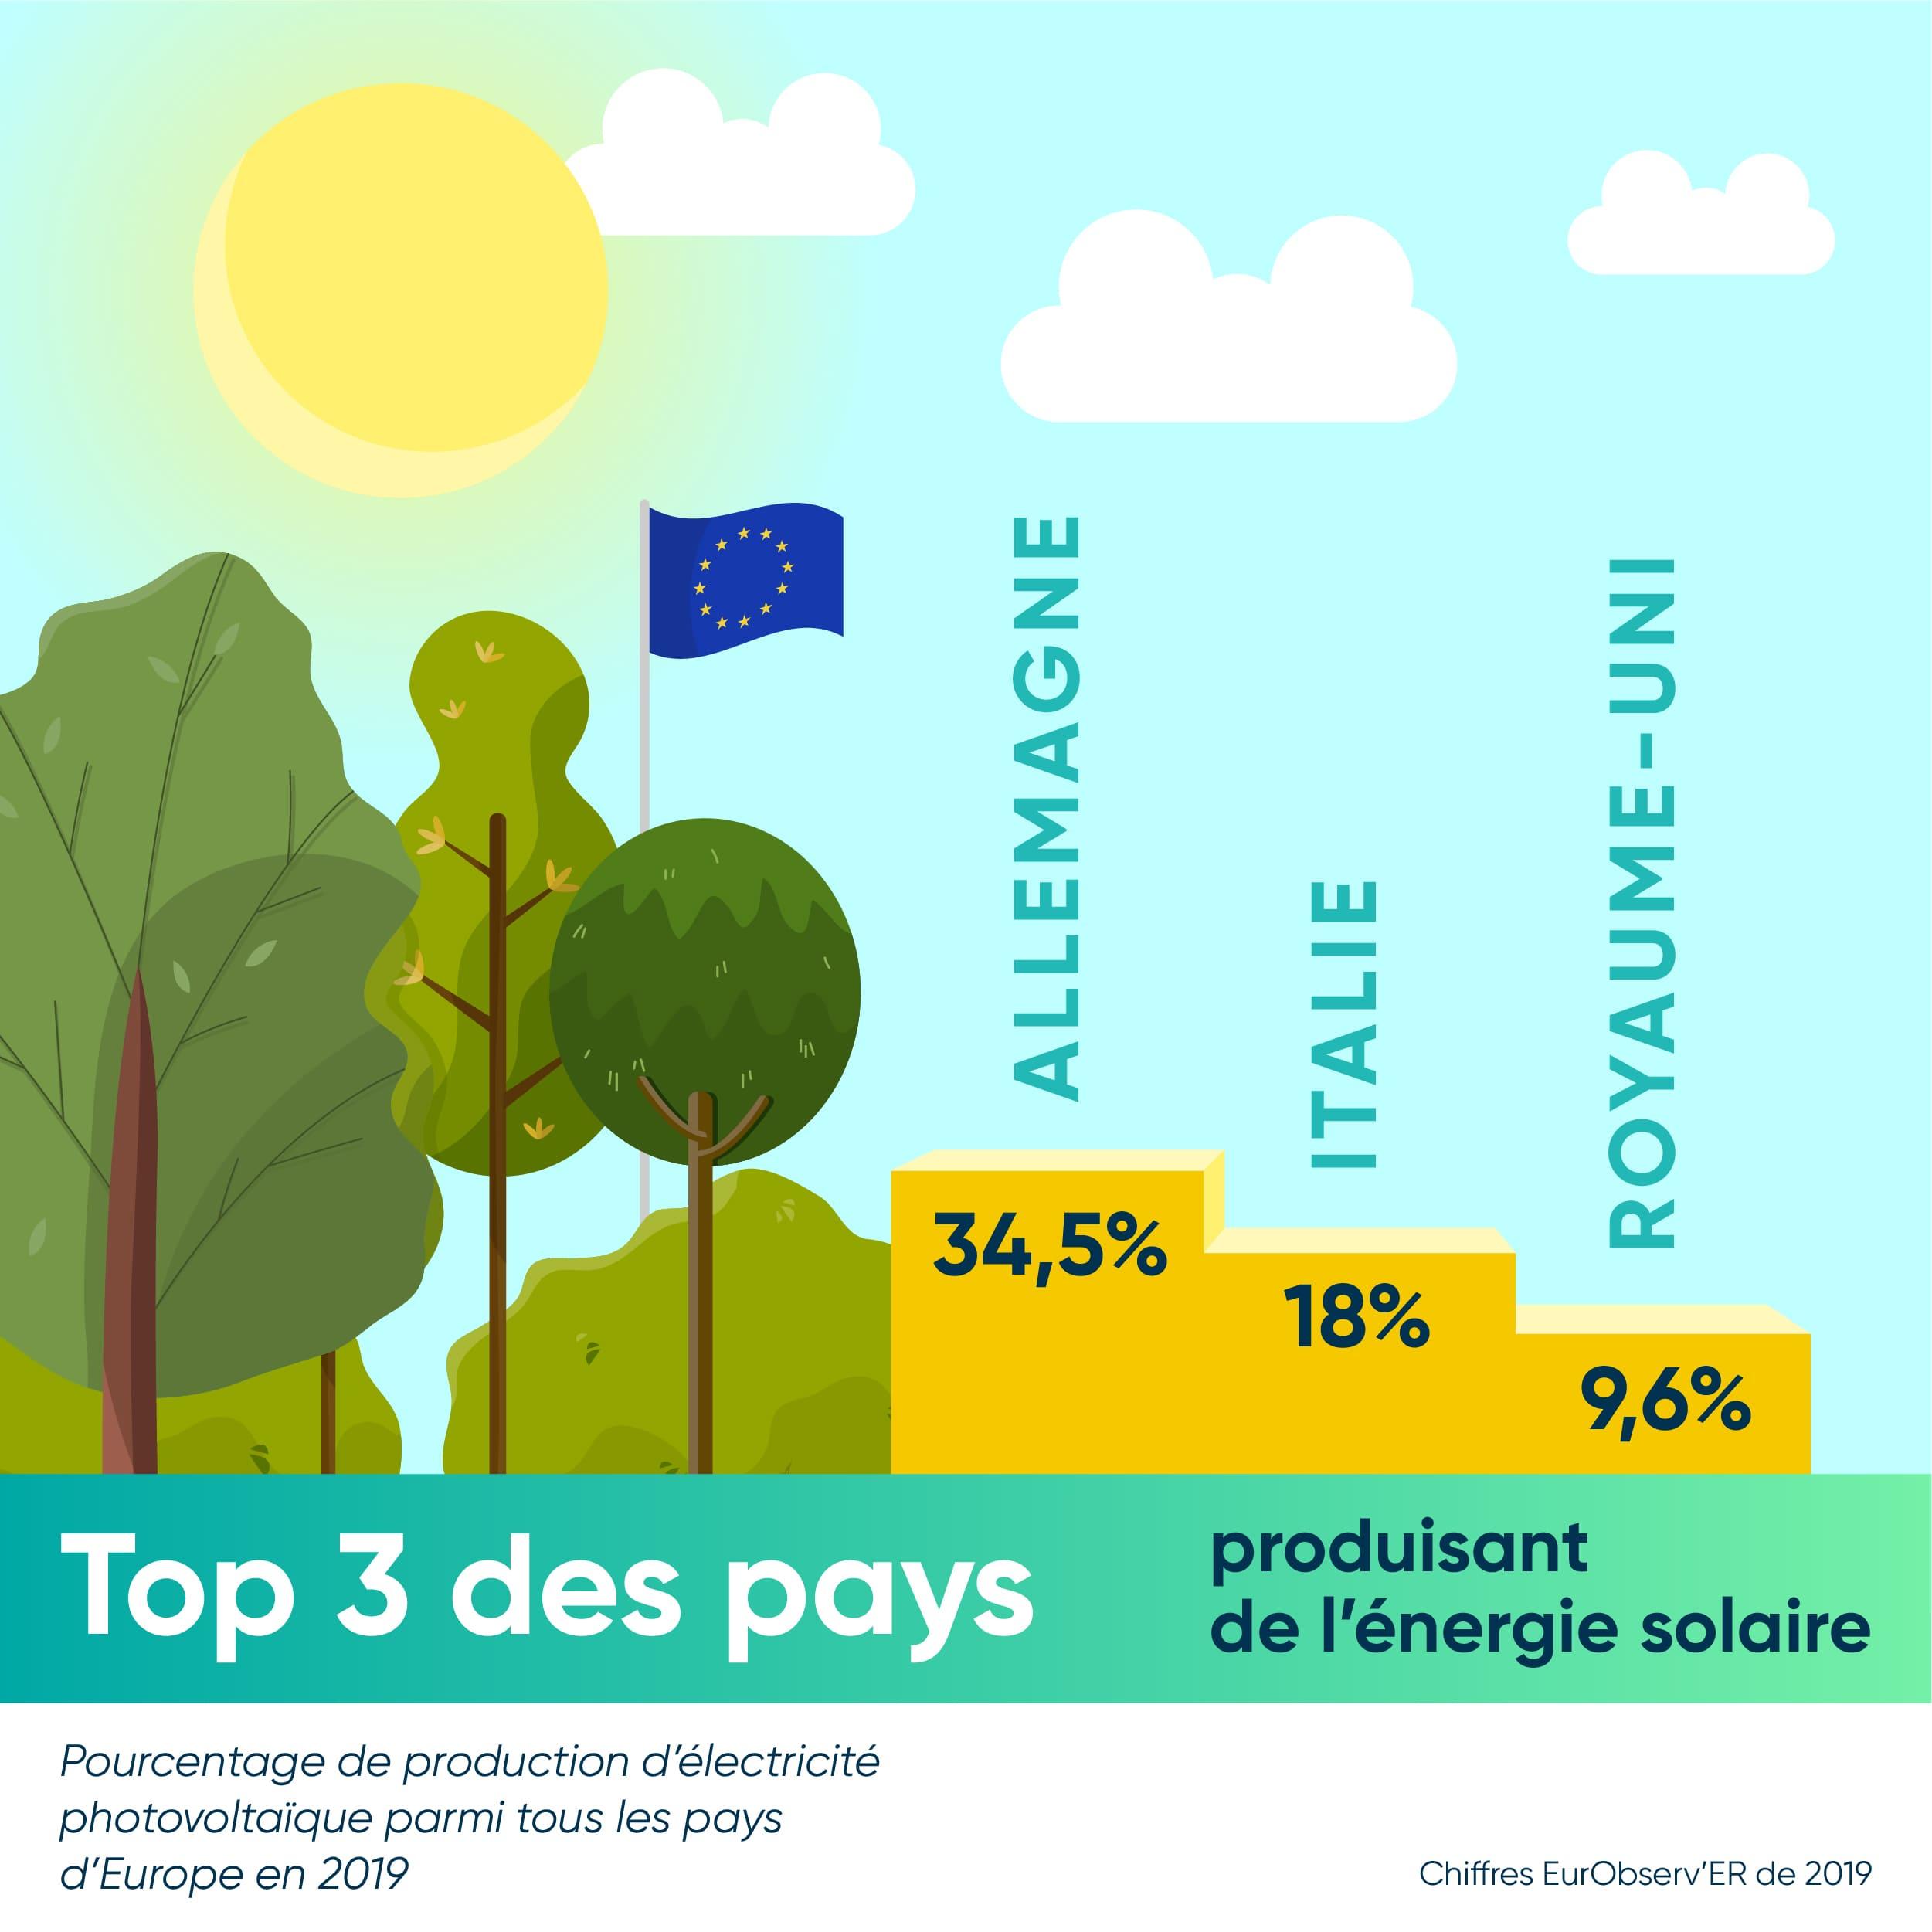 Le top 3 des producteur d'électricité photovoltaïque en Europe